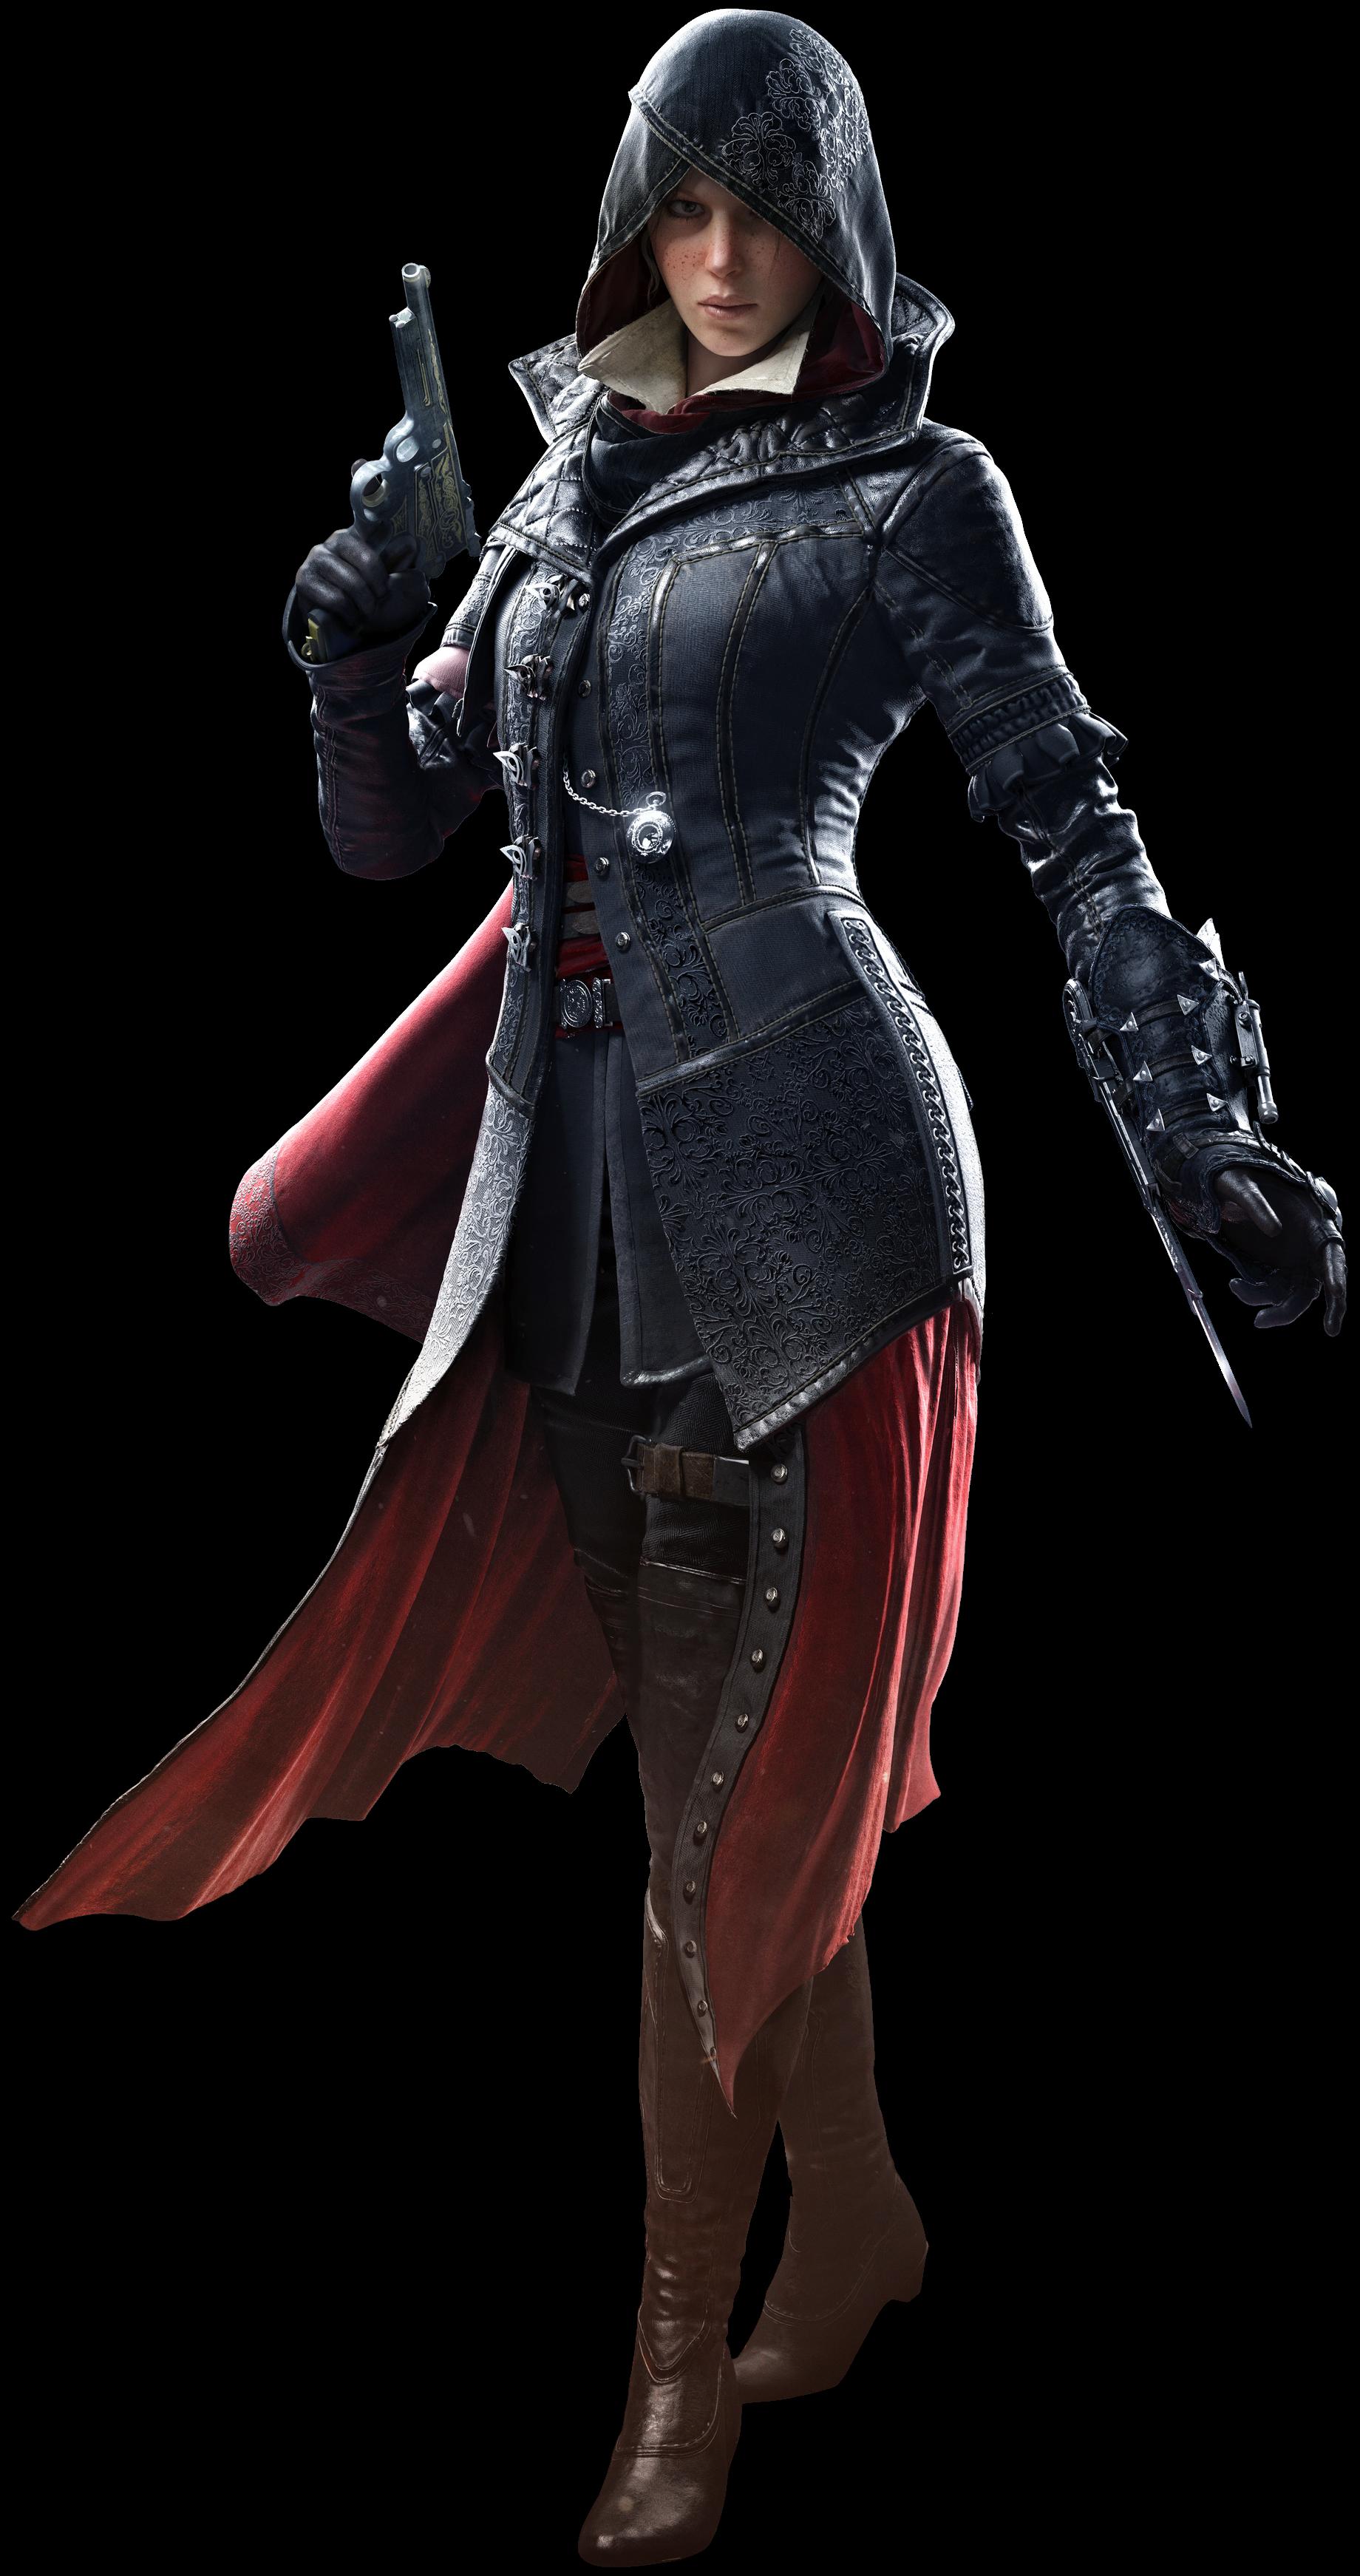 banner download Gauntlet drawing assassin. Evie frye got game